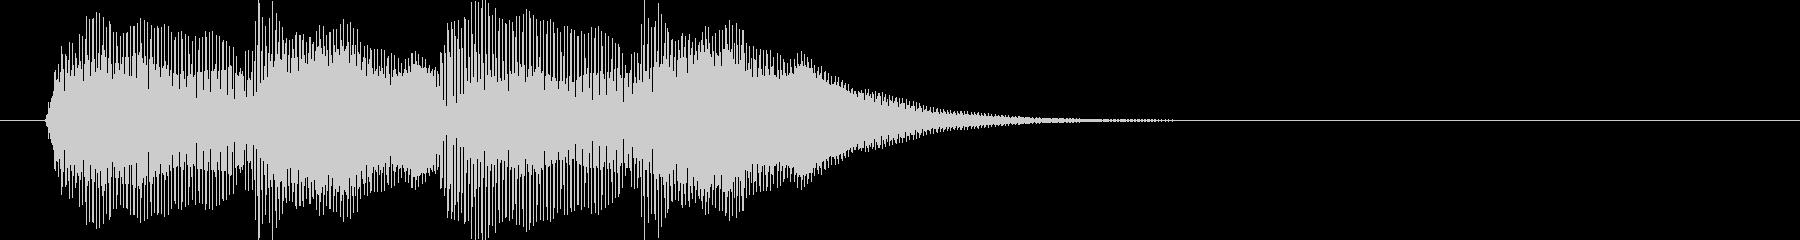 ピロピロ(ピアノキャンセルSE:高音)の未再生の波形